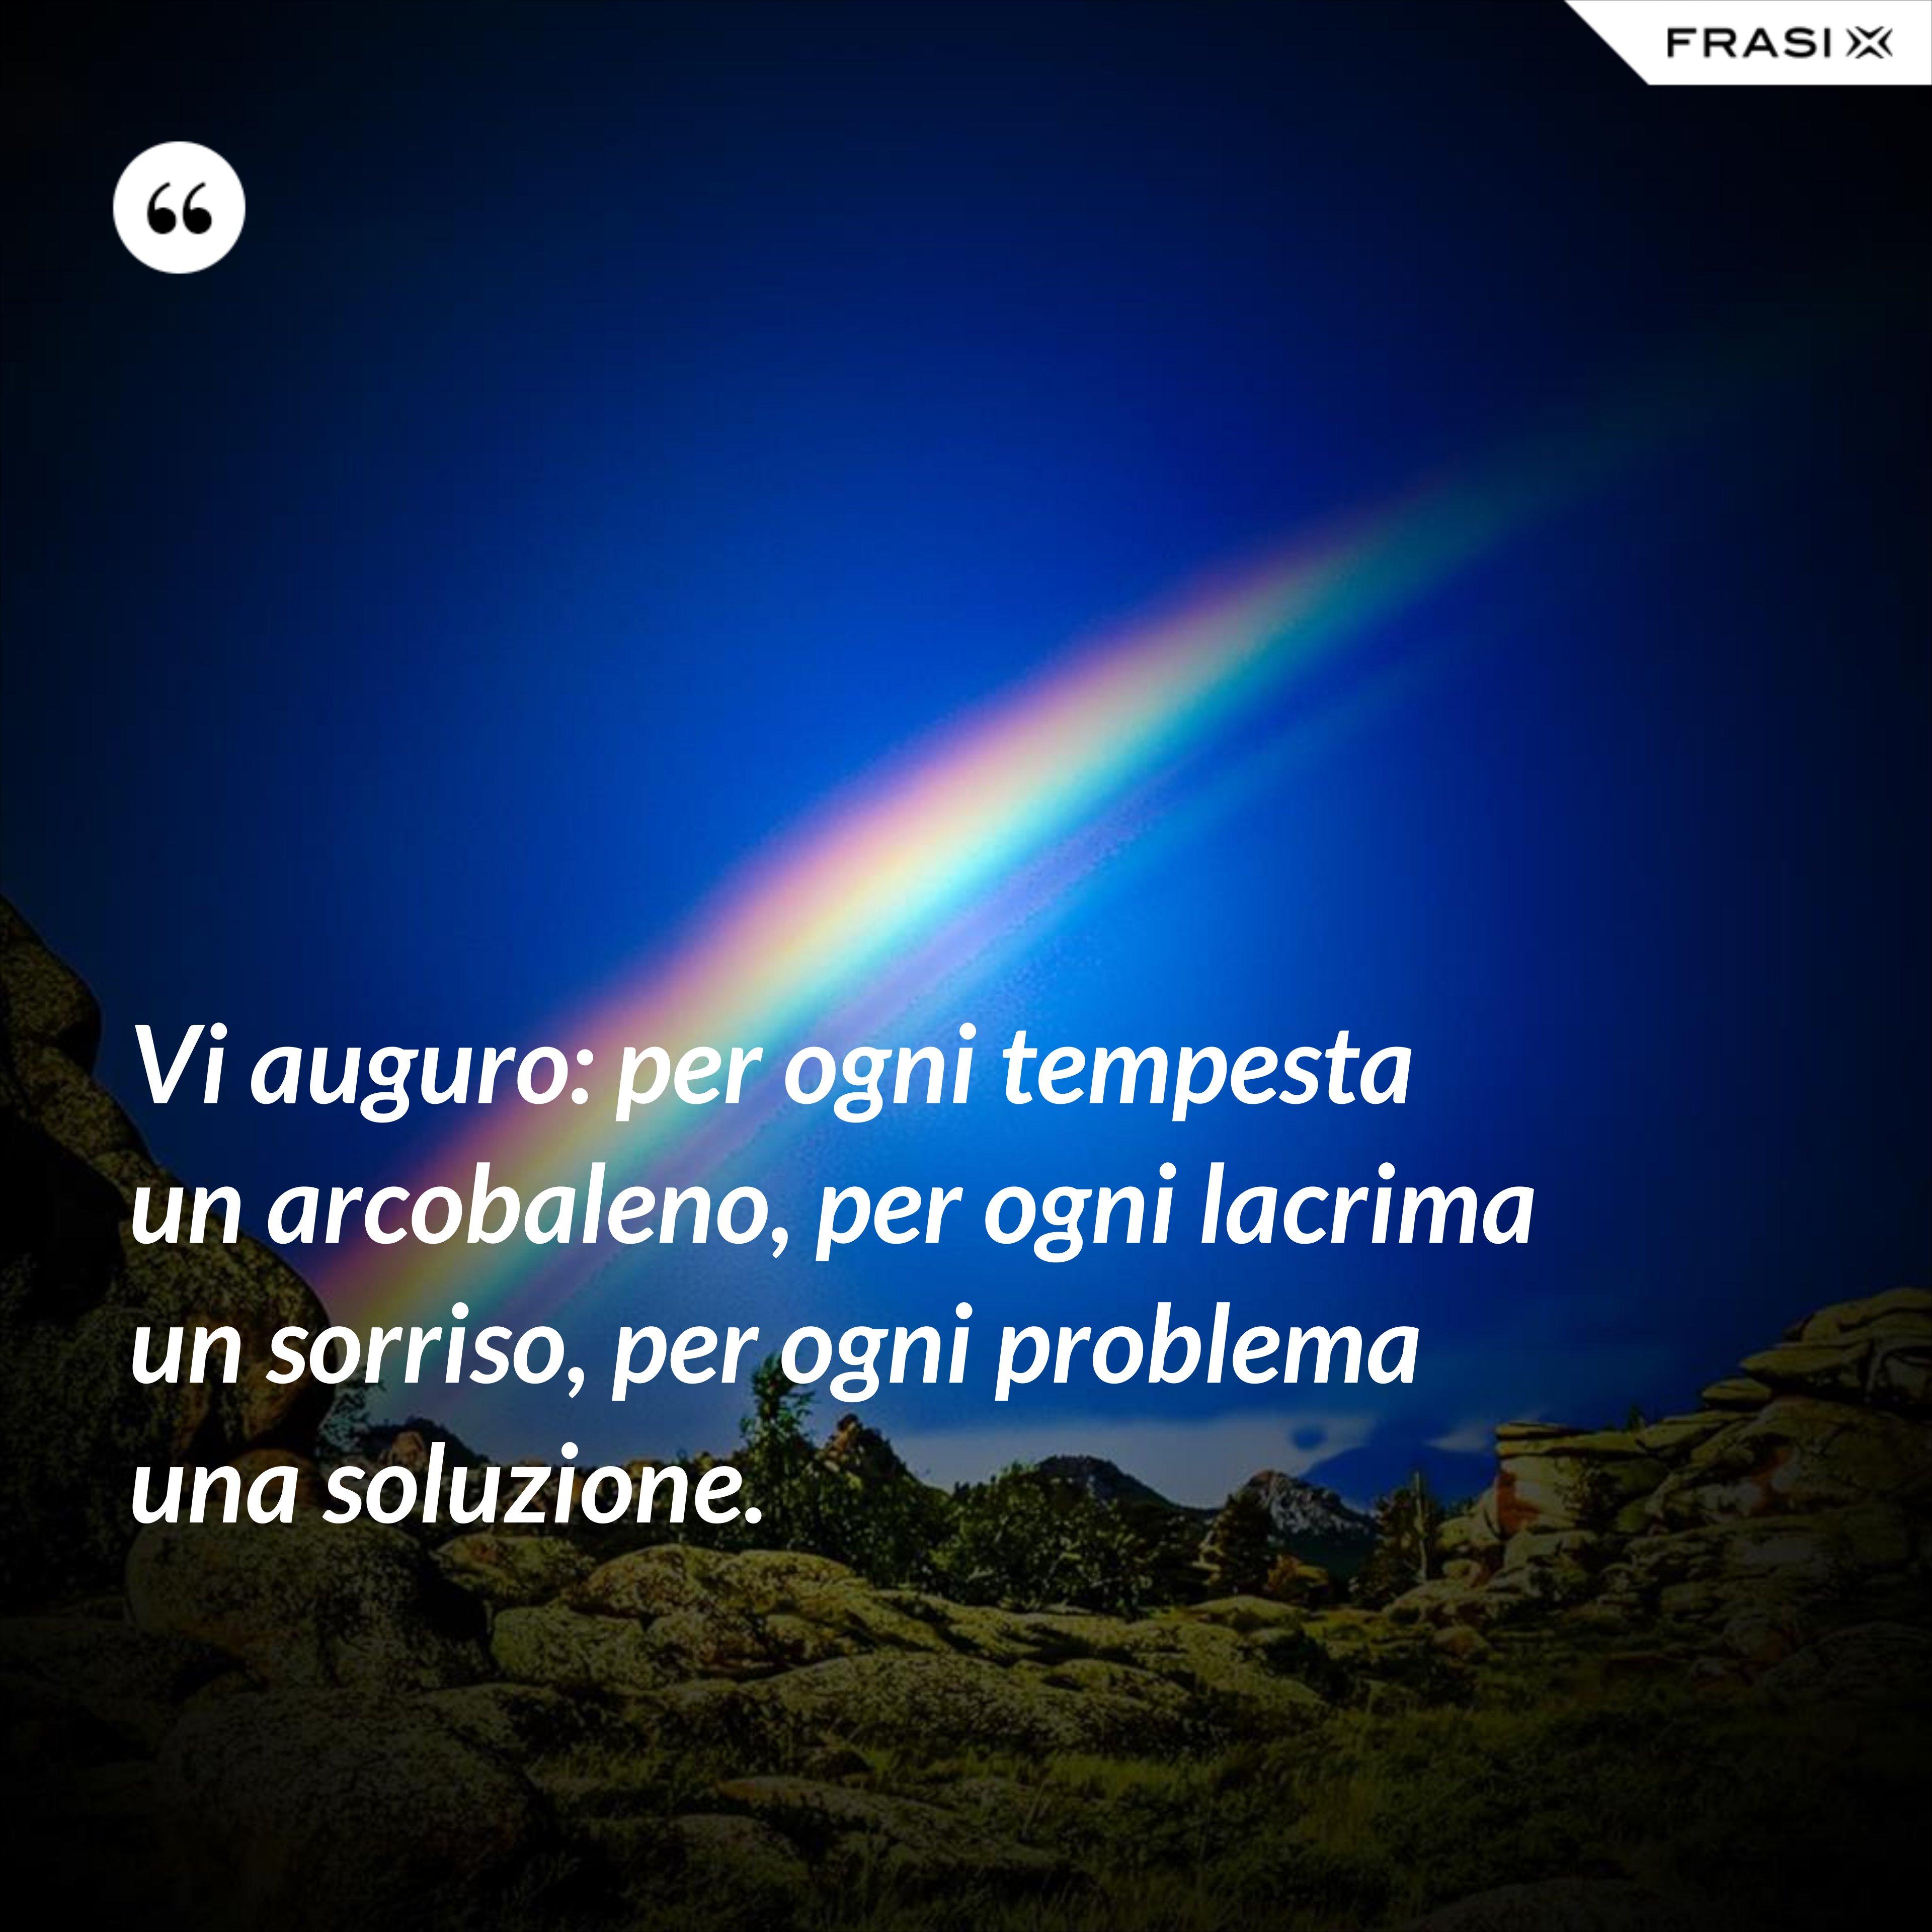 Vi auguro: per ogni tempesta un arcobaleno, per ogni lacrima un sorriso, per ogni problema una soluzione. - Anonimo